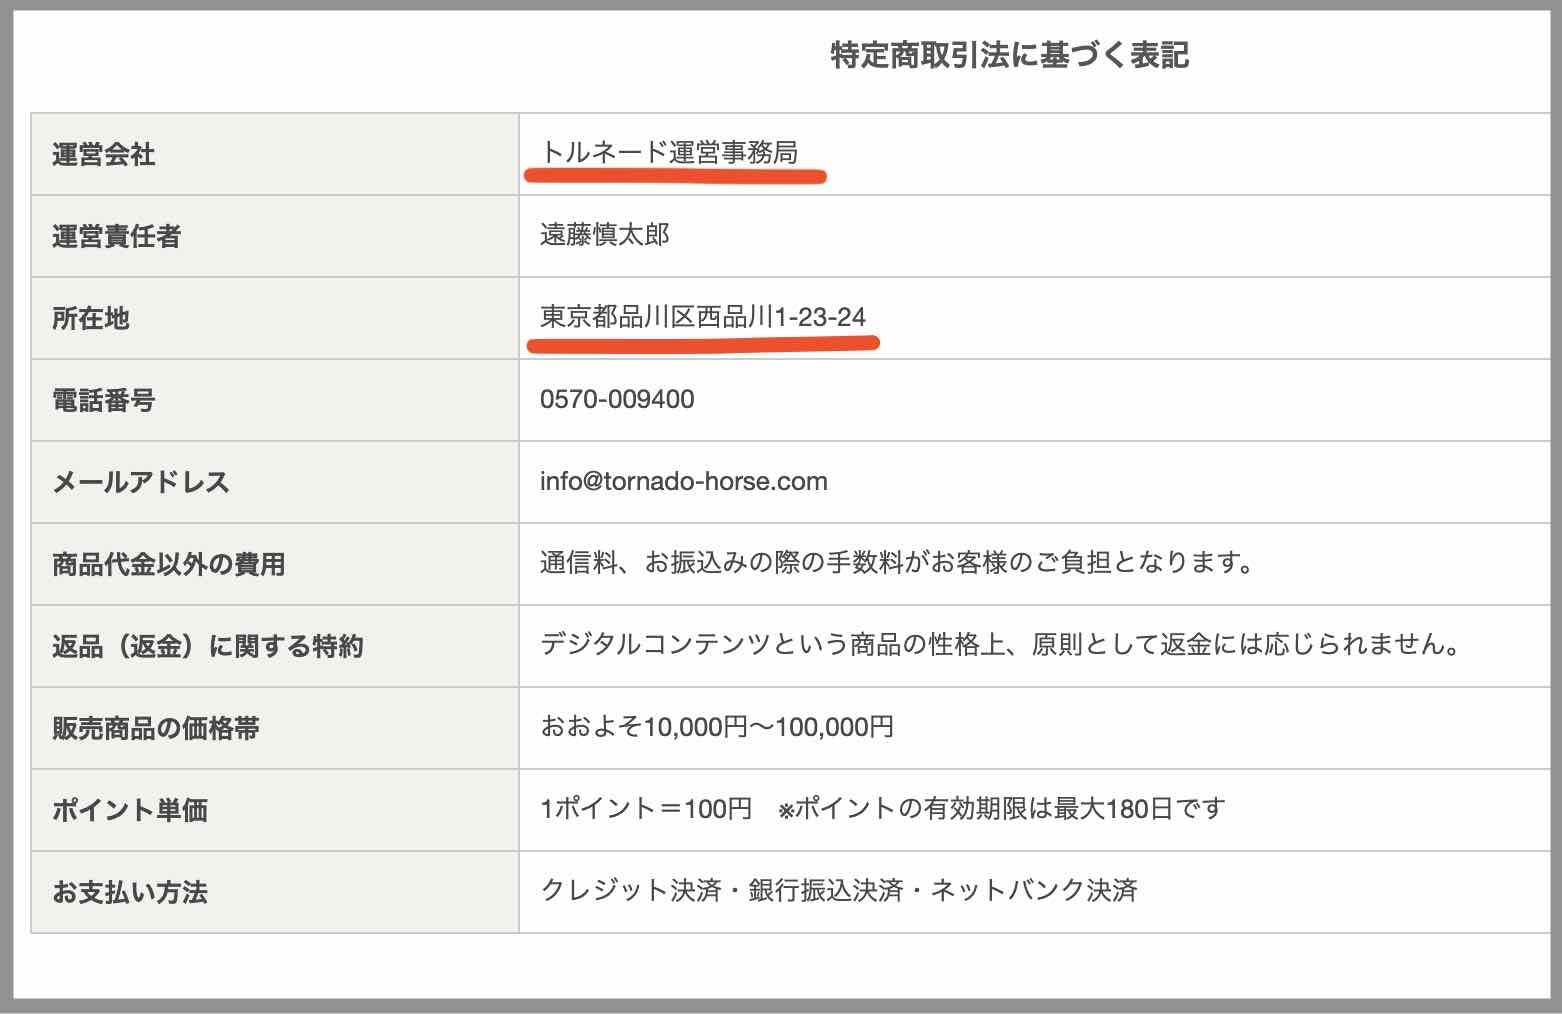 競馬予想旋風トルネードという競馬予想サイトの特商法ページ